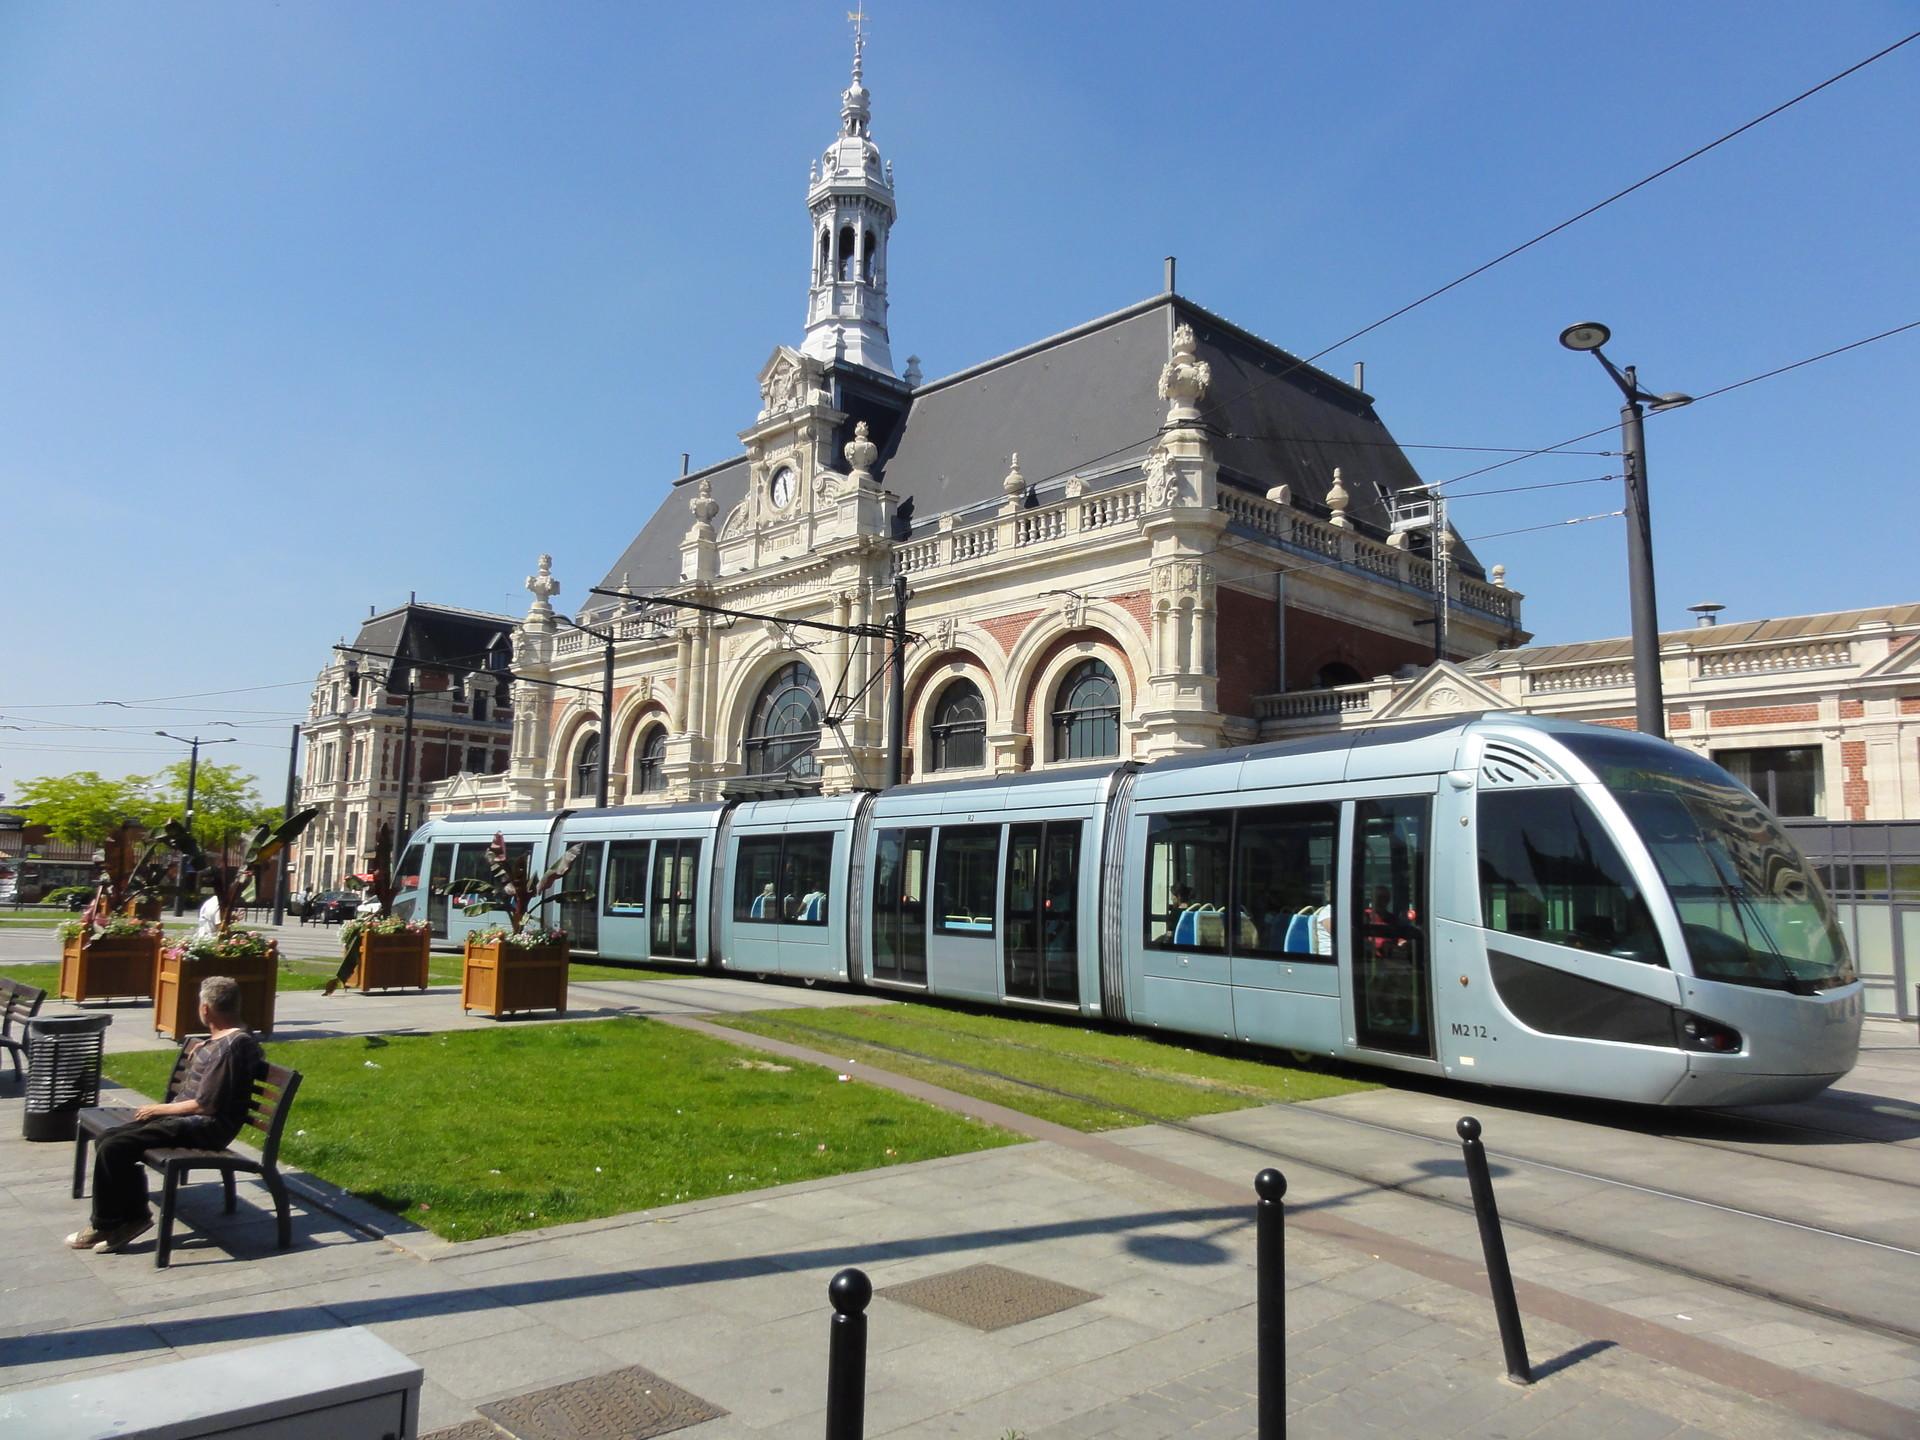 Les Depots De La Ville De Paris